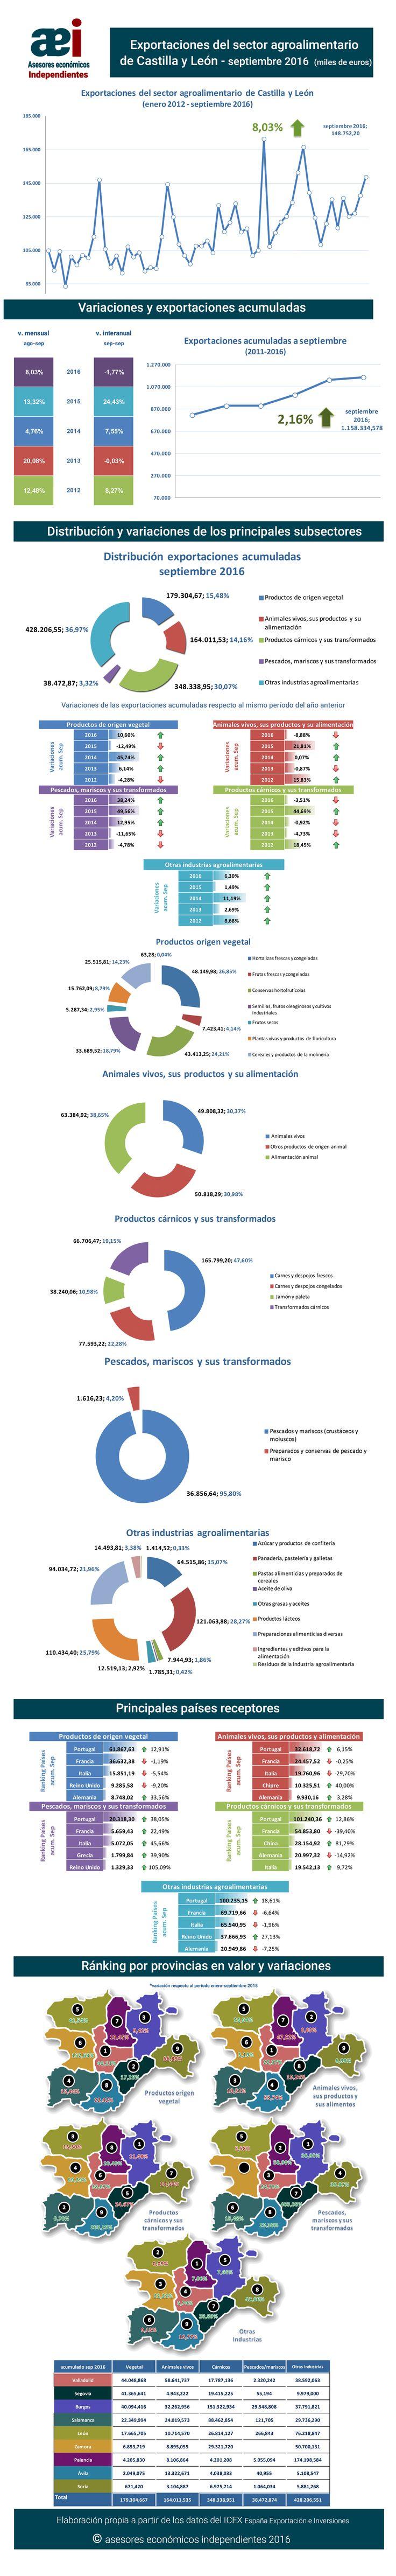 infografía de exportaciones del sector agroalimentario de Castilla y León en el mes de septiembre 2016 realizada por Javier Méndez Lirón para asesores económicos independientes